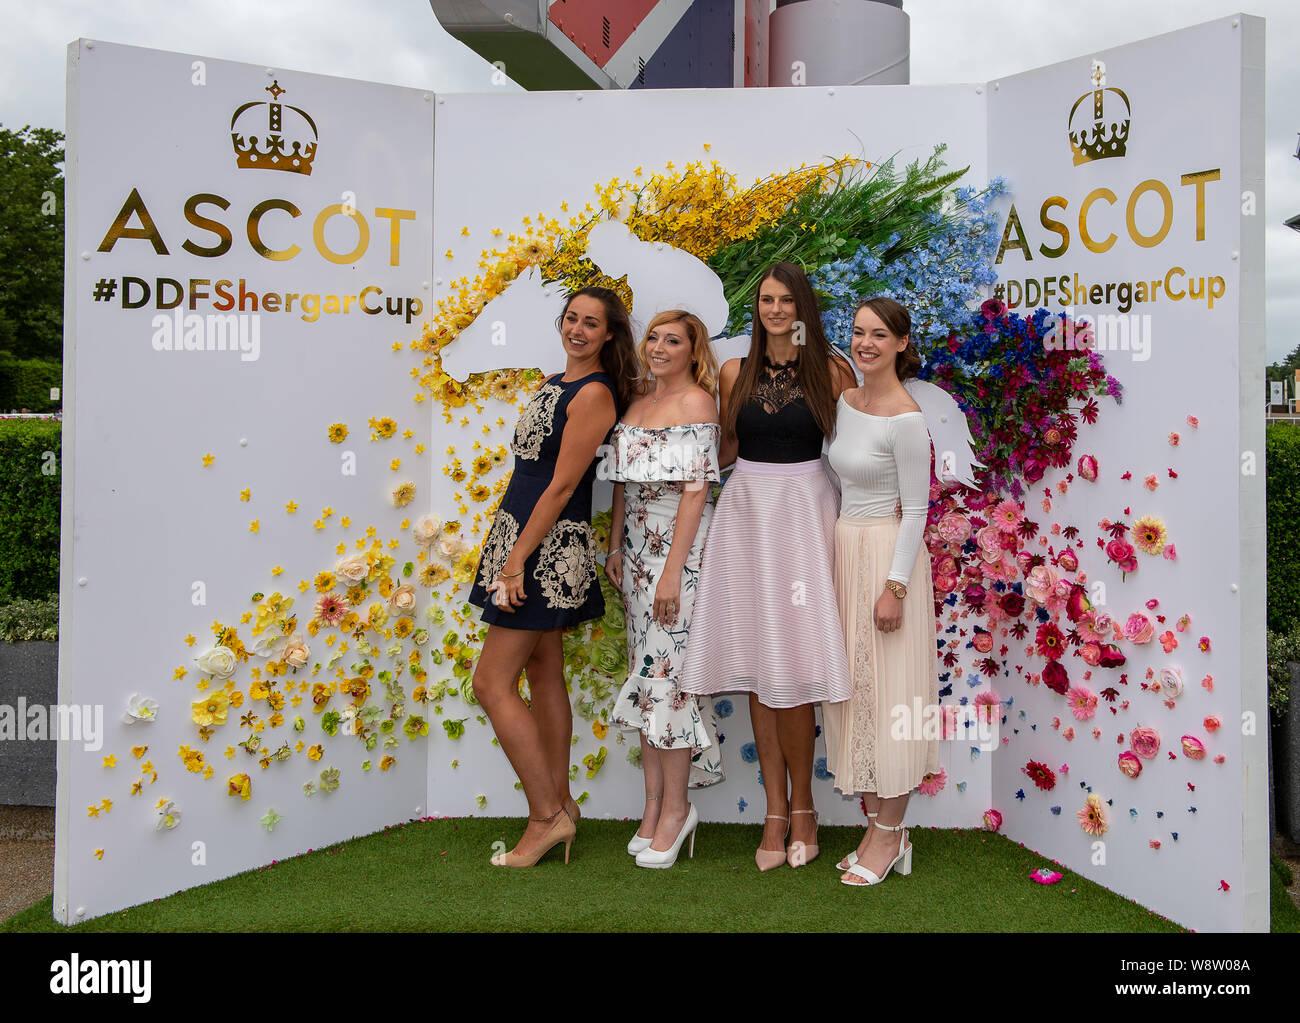 Ascot Races Fashion Stock Photos Ascot Races Fashion Stock